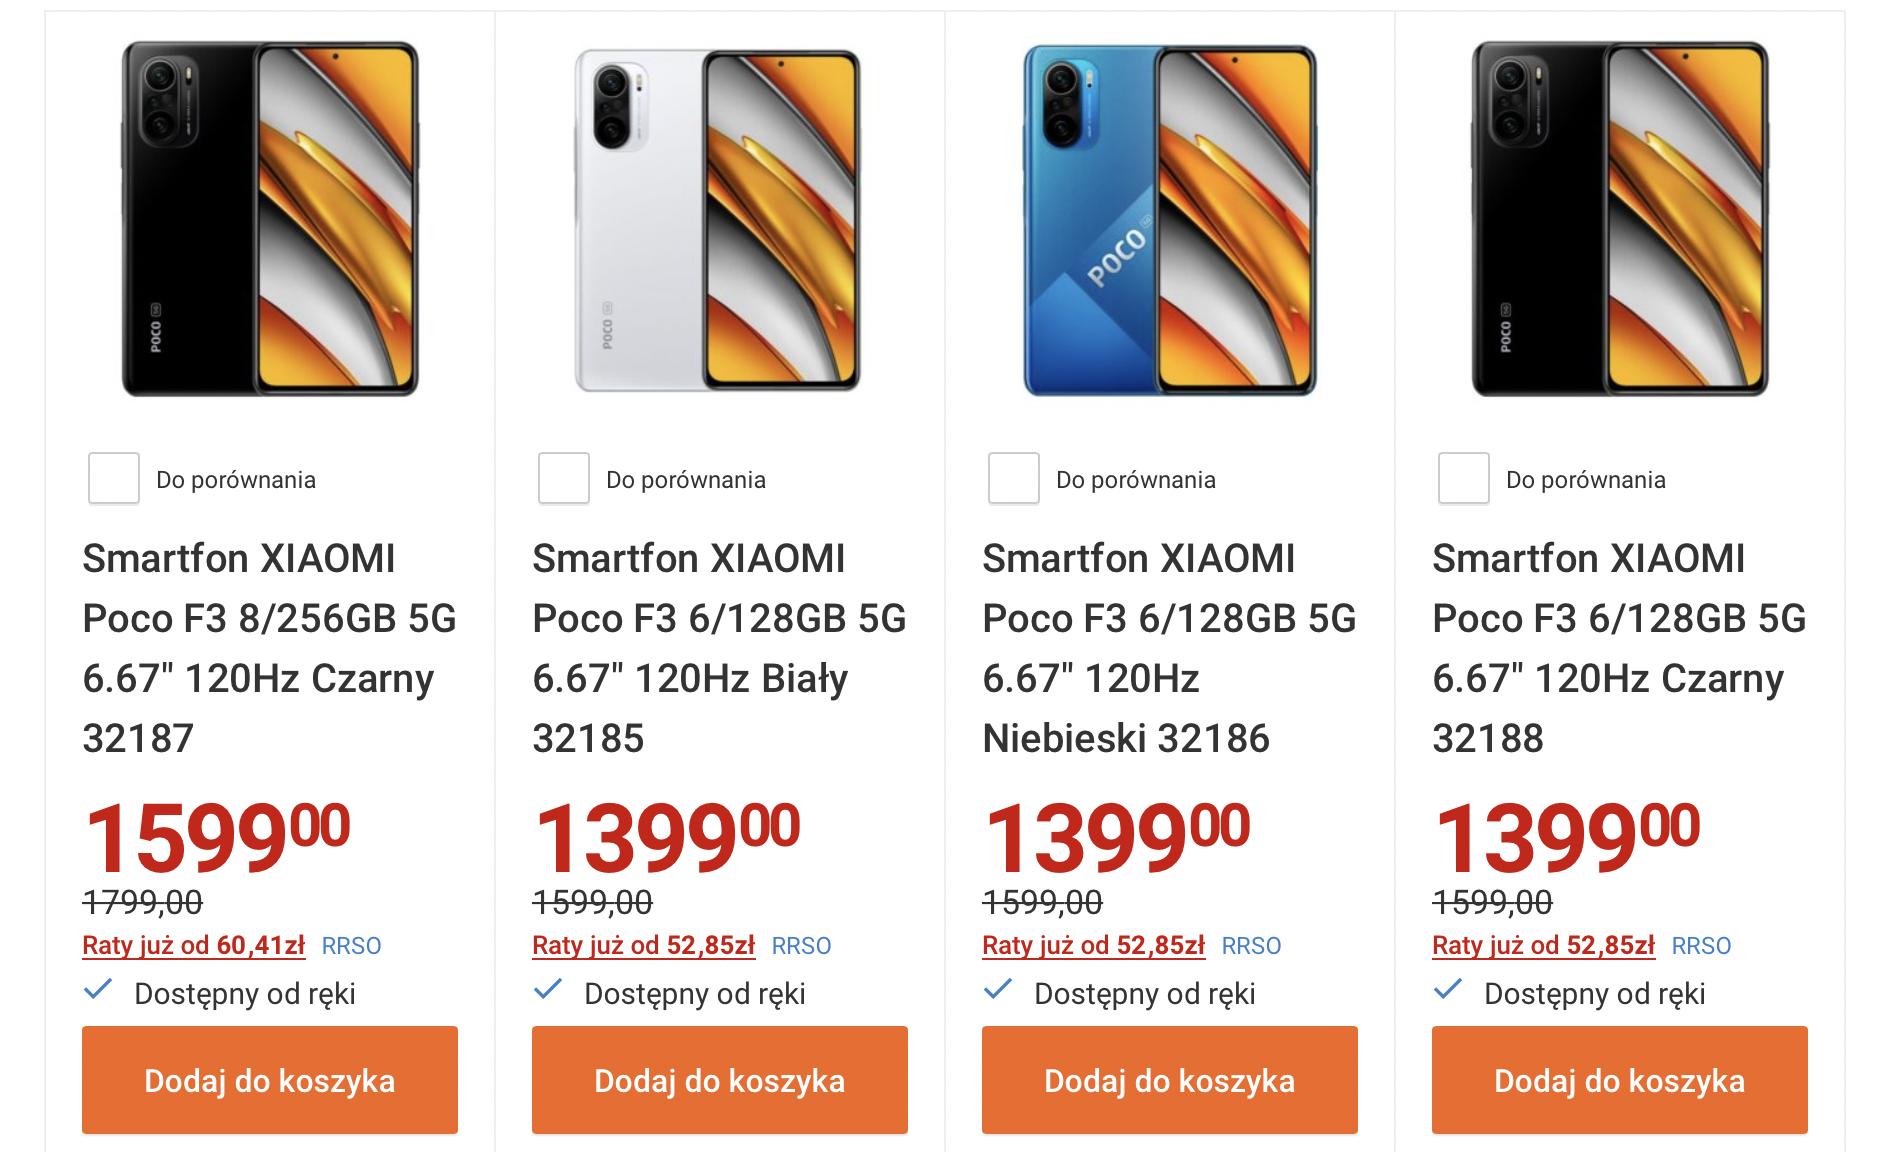 Kolejne Flash Sale od Xiaomi – smartfony POCO taniej o 200 zł!